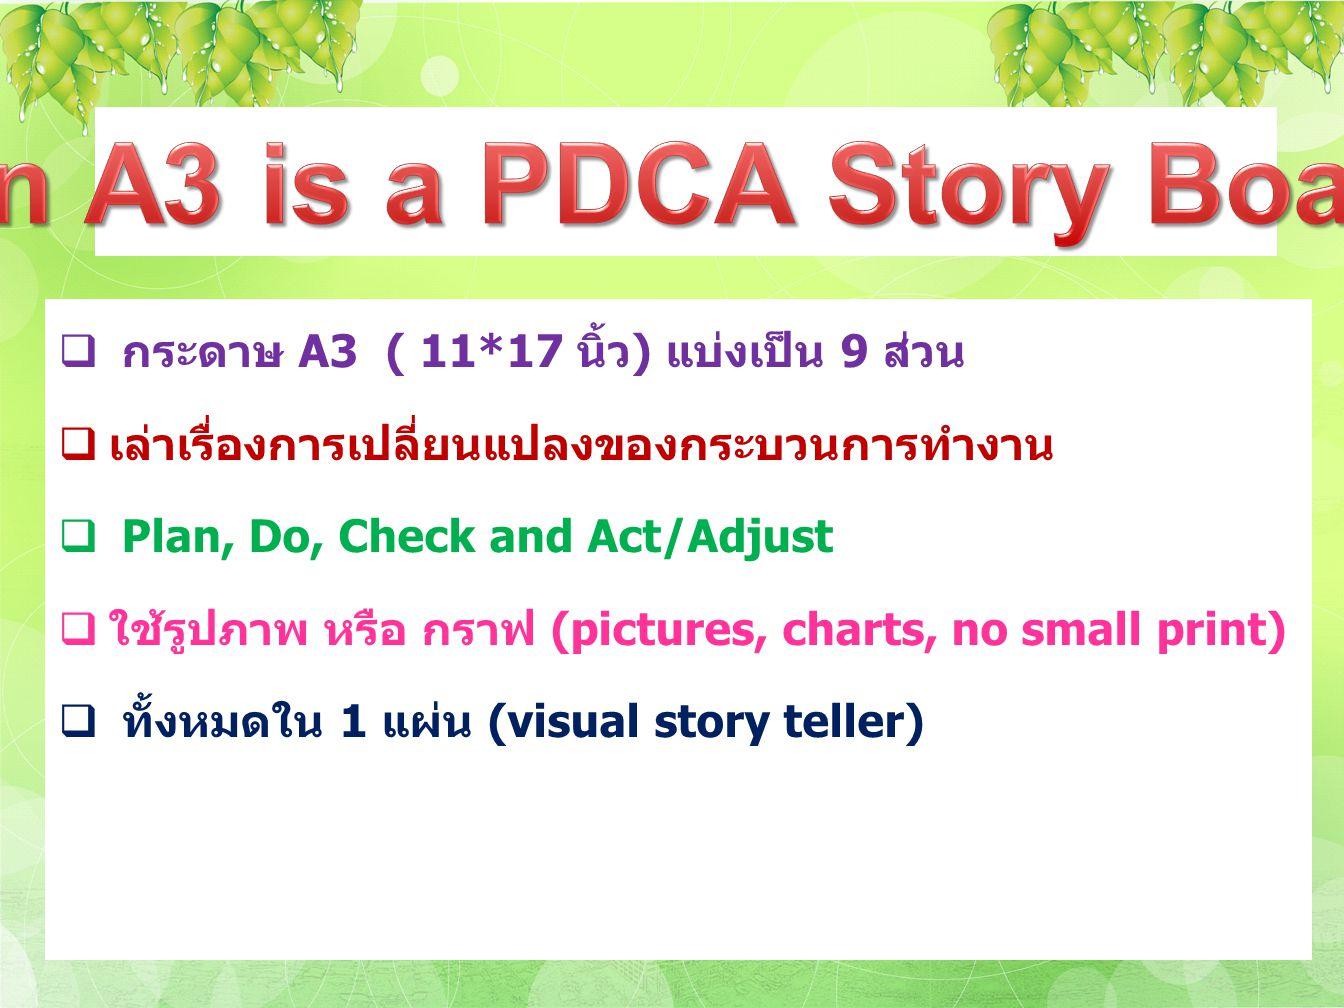  กระดาษ A3 ( 11*17 นิ้ว) แบ่งเป็น 9 ส่วน  เล่าเรื่องการเปลี่ยนแปลงของกระบวนการทำงาน  Plan, Do, Check and Act/Adjust  ใช้รูปภาพ หรือ กราฟ (pictures